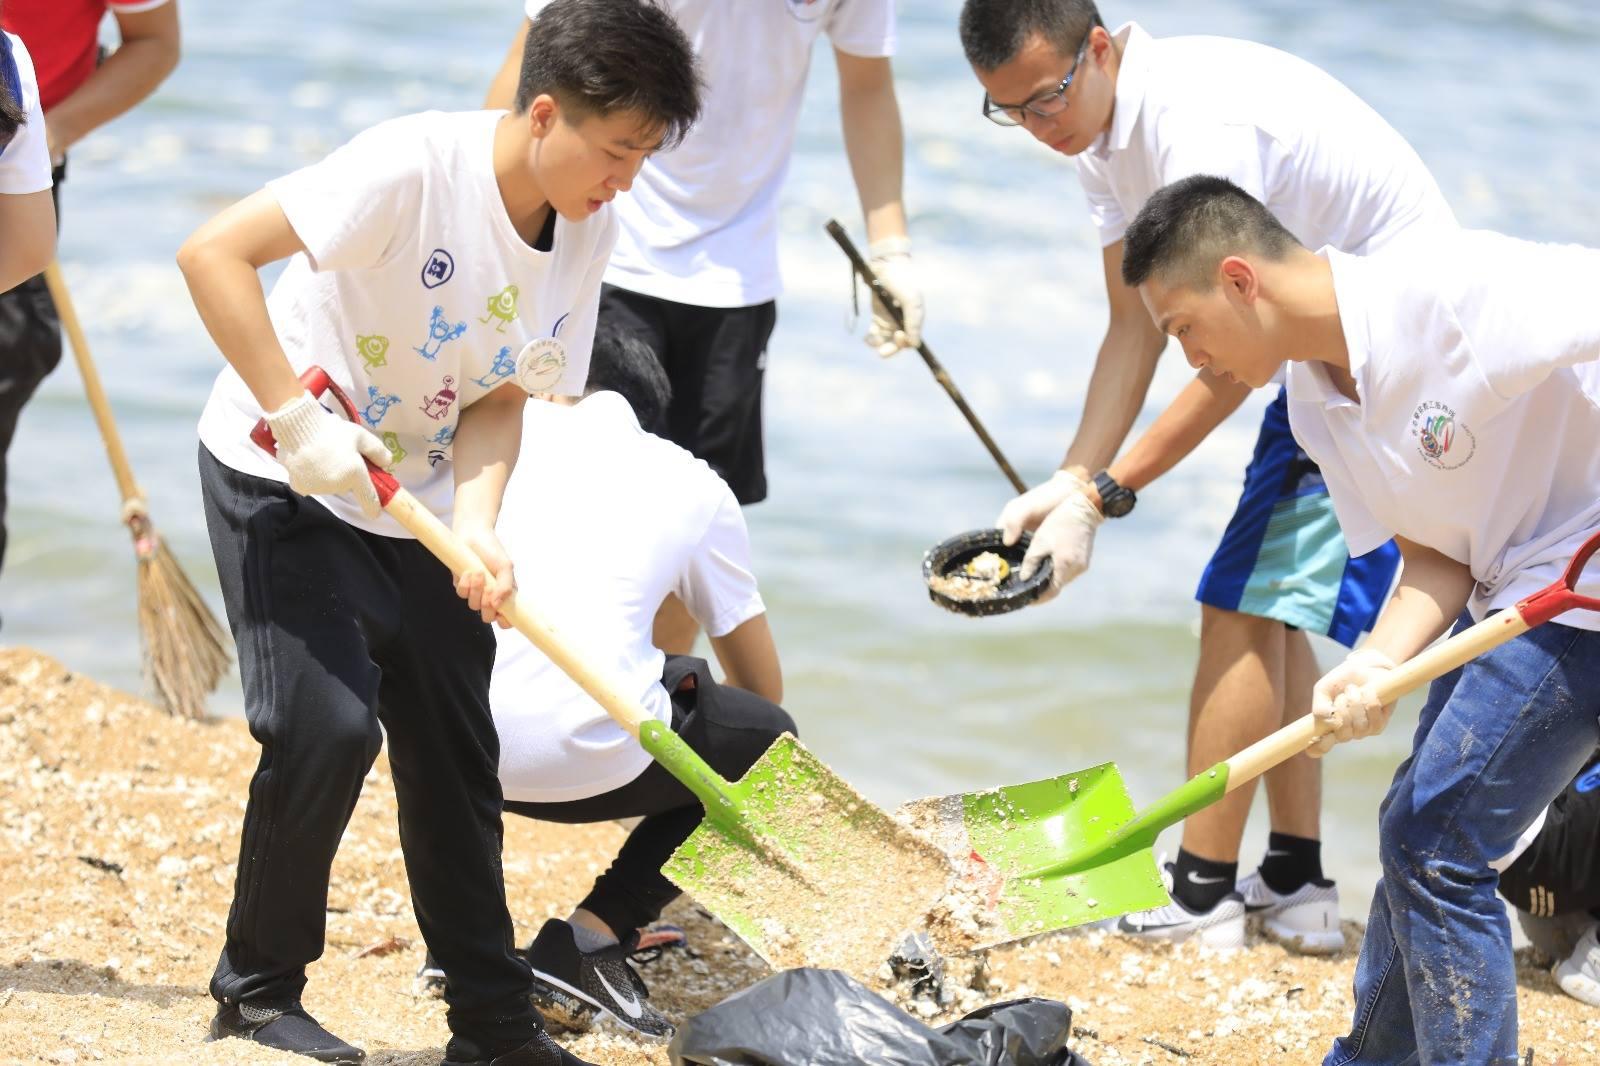 早上近50名少年警訊及警察義工服務隊成員到聖士提反灣,協助清掃約500公斤棕櫚硬脂。(大嘥鬼 Big Waster facebook圖片)